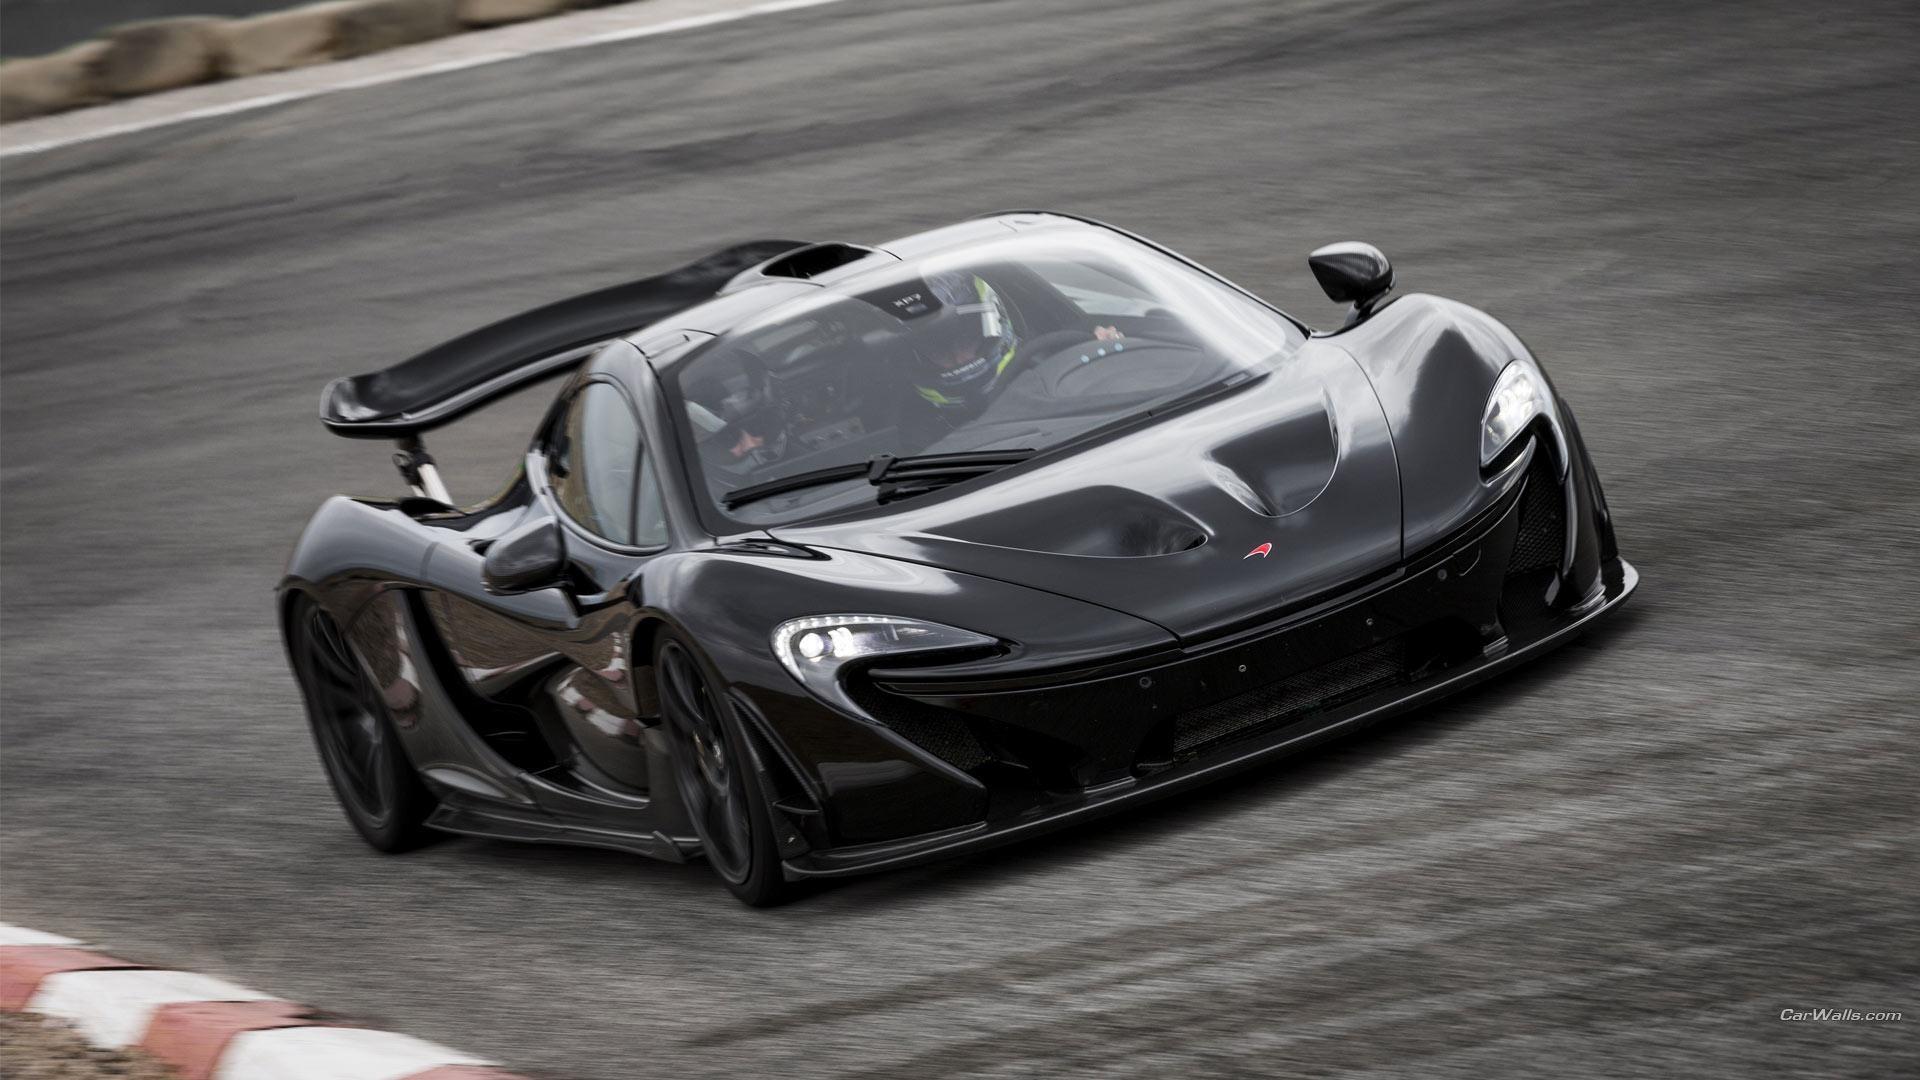 Res: 1920x1080, 2014 McLaren P1 2015